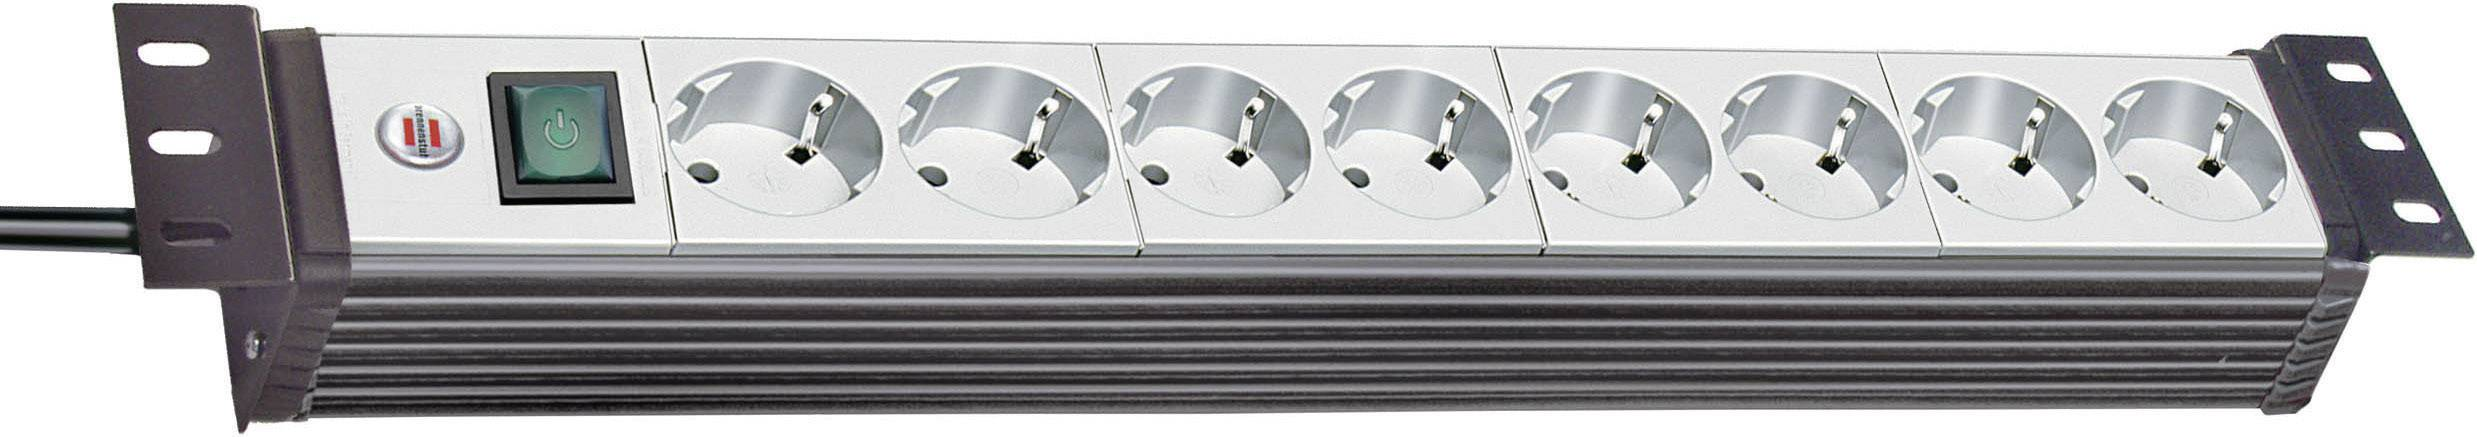 Zásuvková lišta Brennenstuhl Premium-Line, 1156057018, 8 zásuviek, čierna/šedá